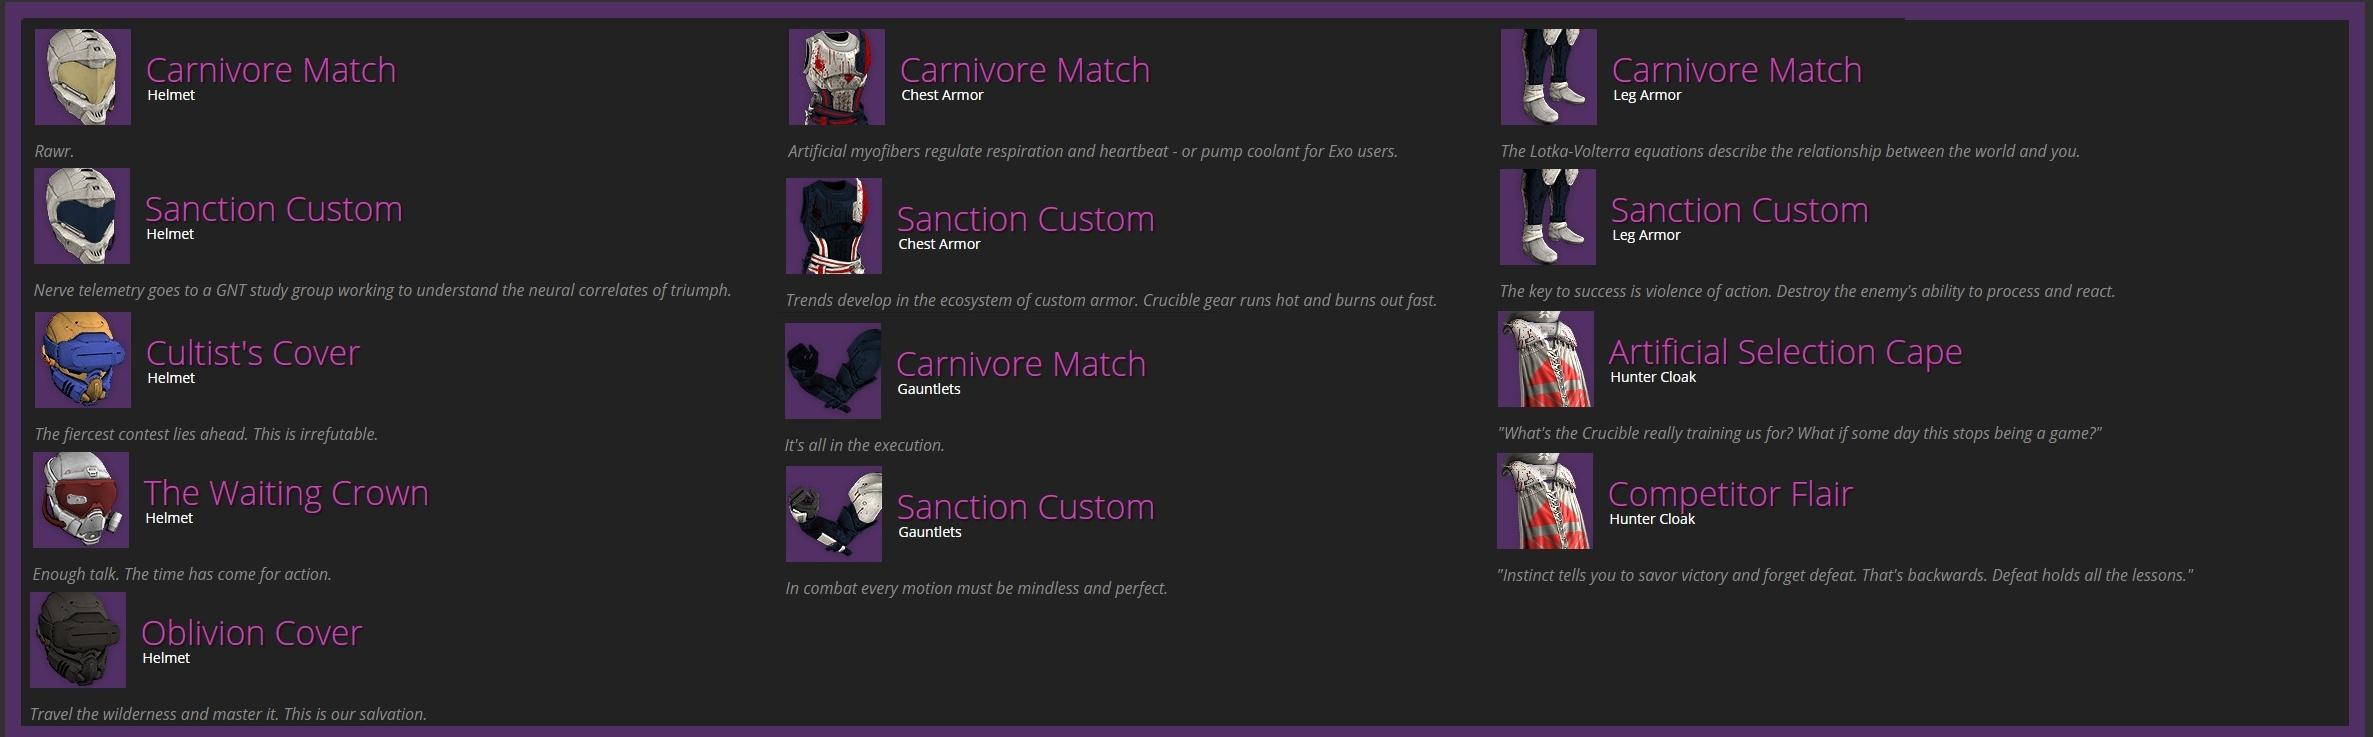 Destiny HoW Leak Hunter Vendor Armor